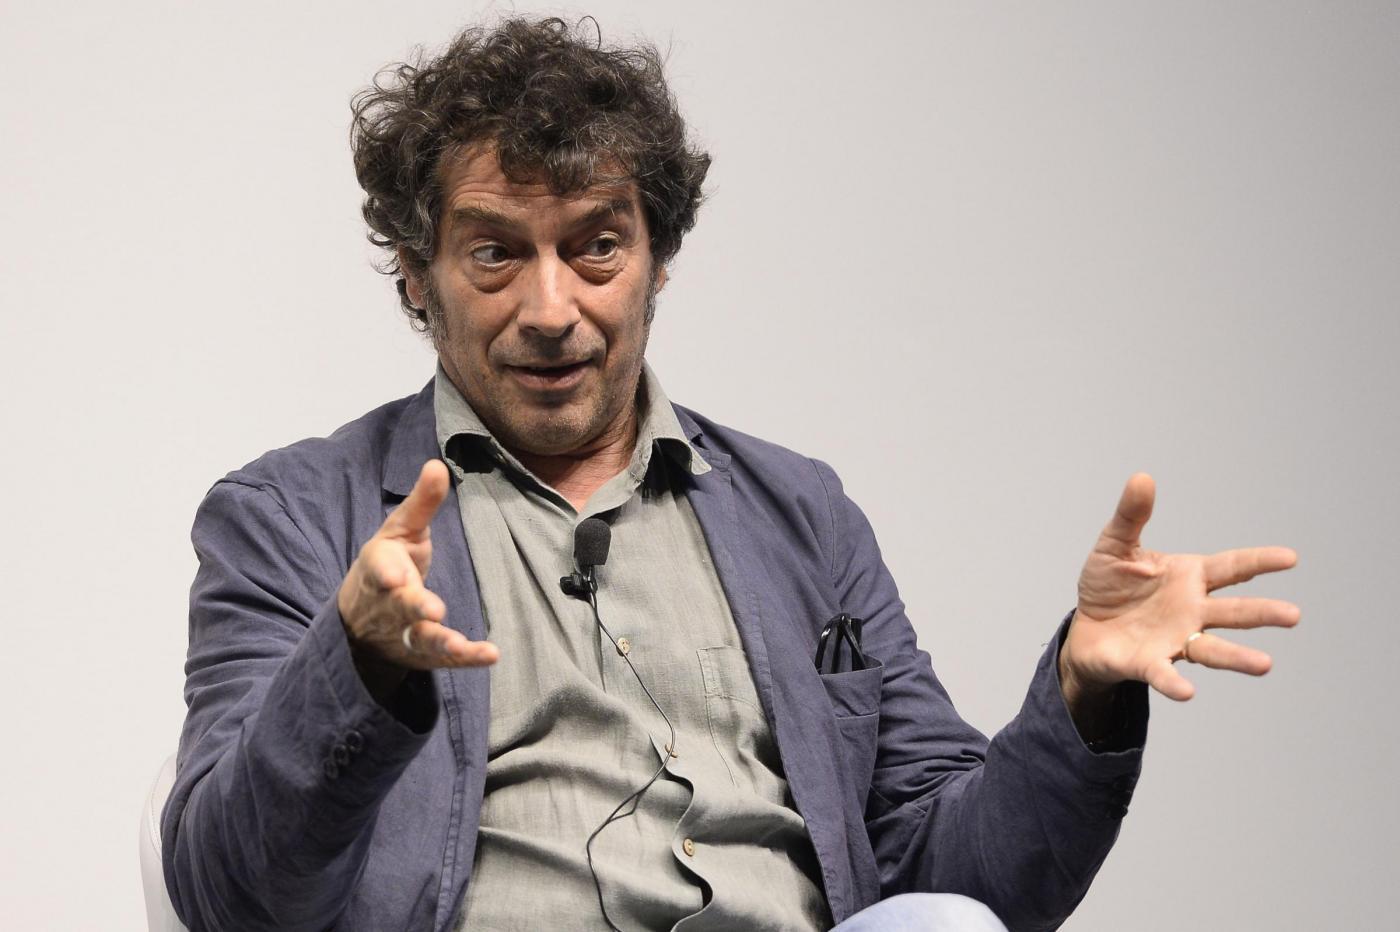 Intervista al Premio Strega Sandro Veronesi: 'Il mondo non è grande, è piccolo'